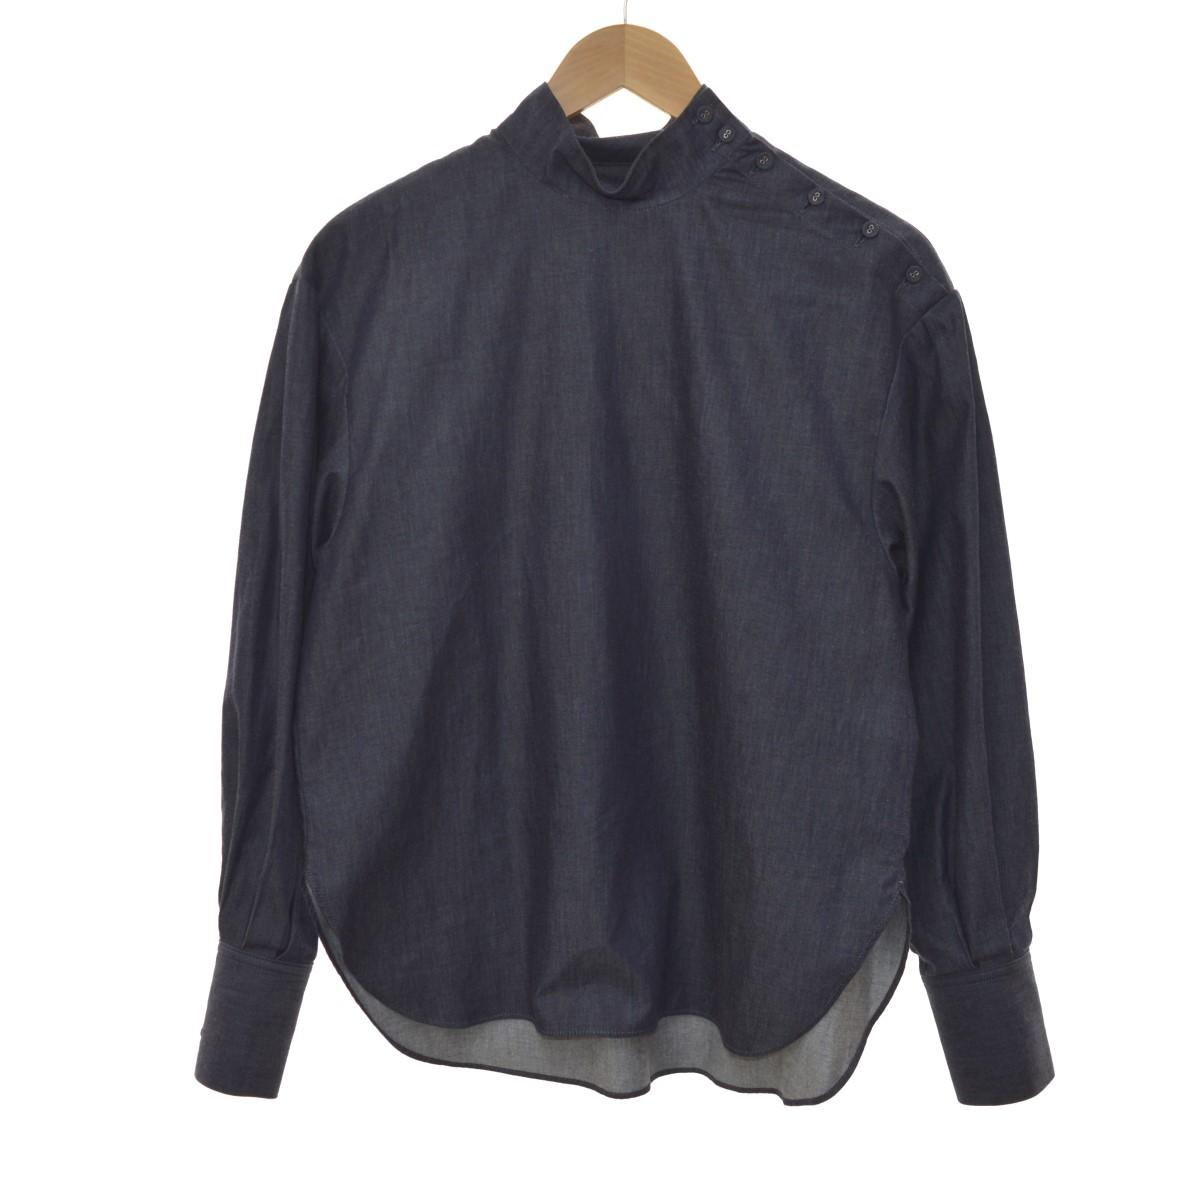 【中古】LE CIEL BLEU 20SS HIGH NECK SHIRT ハイネックシャツ インディゴ サイズ:36 【050420】(ルシェルブルー)